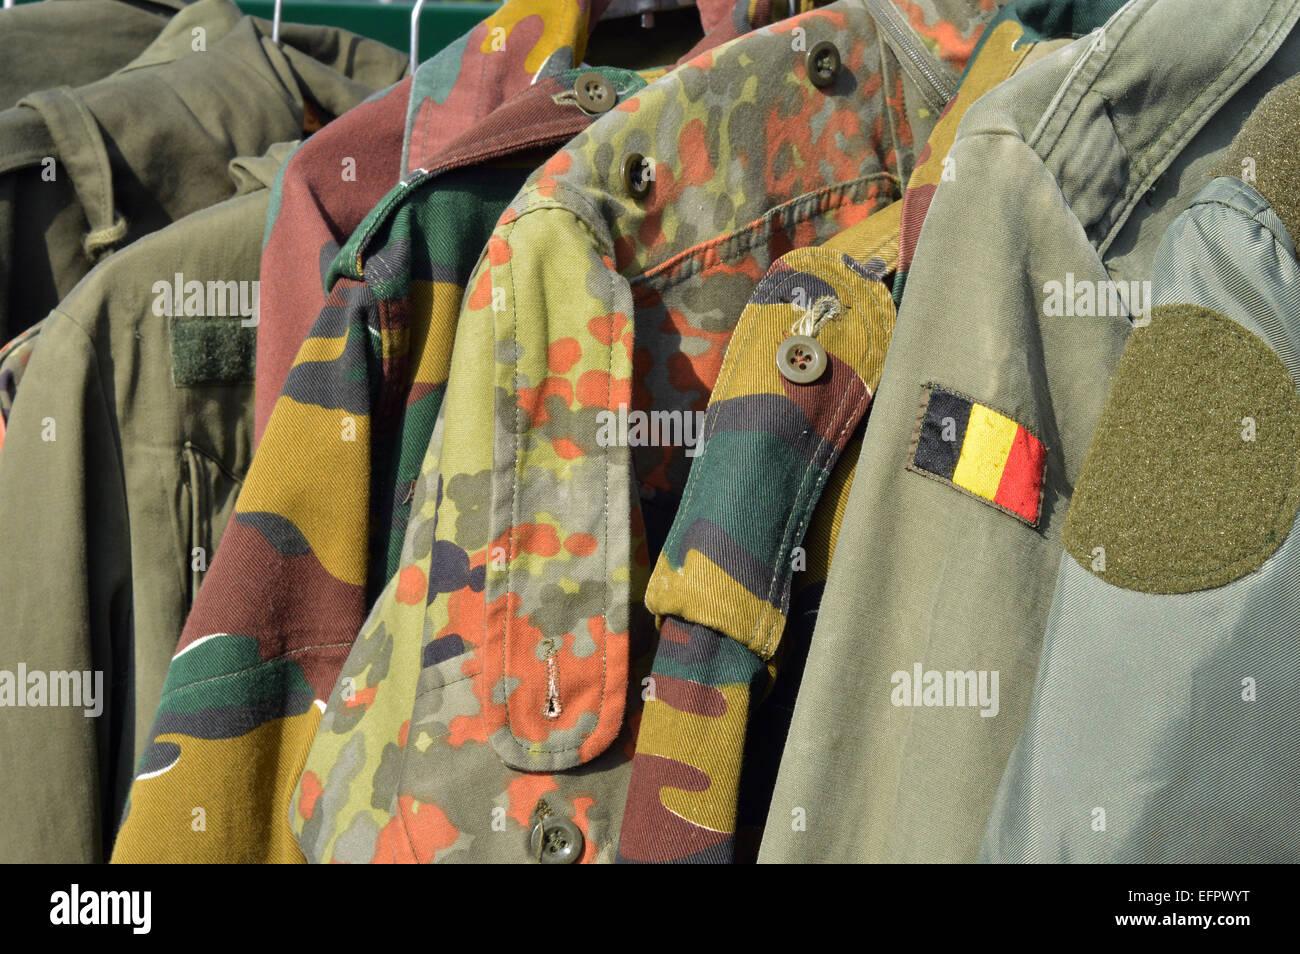 Dump des militärischen Verschleiß auf einem Flohmarkt in Spa, Belgien Stockbild